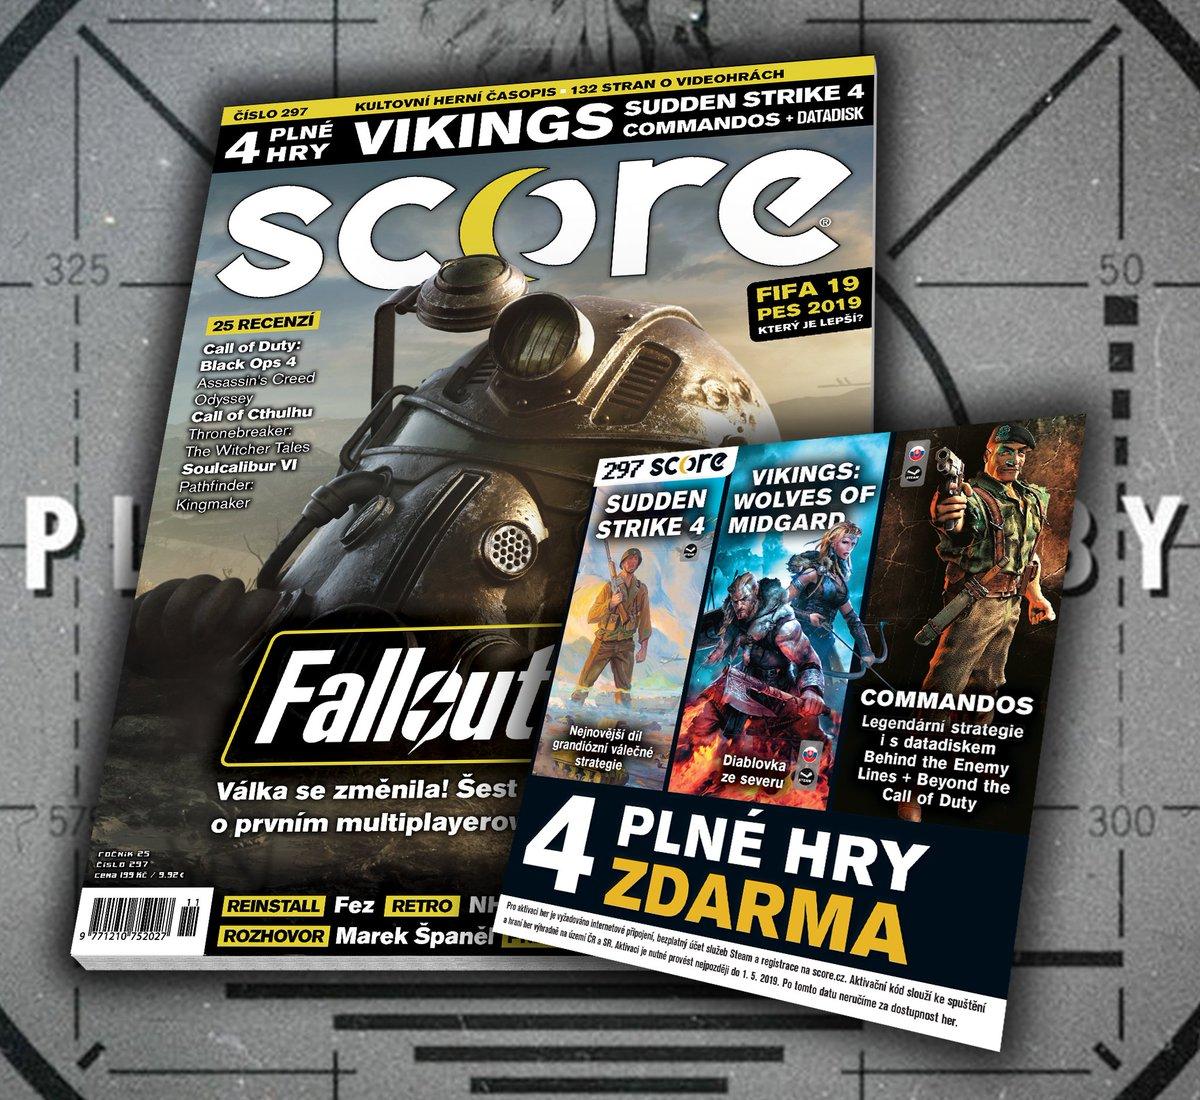 SCORE 297 už je v prodeji! Plné verze Vikings, Sudden Strike 4 a Commandos 1 s datadiskem. Zoom Fallout 76, recenze Black Ops 4, Call of Cthulhu, rozhovor s Markem Španělem, retro o NHL Hockey a mnohem víc! https://t.co/BJlYt9Mmq0